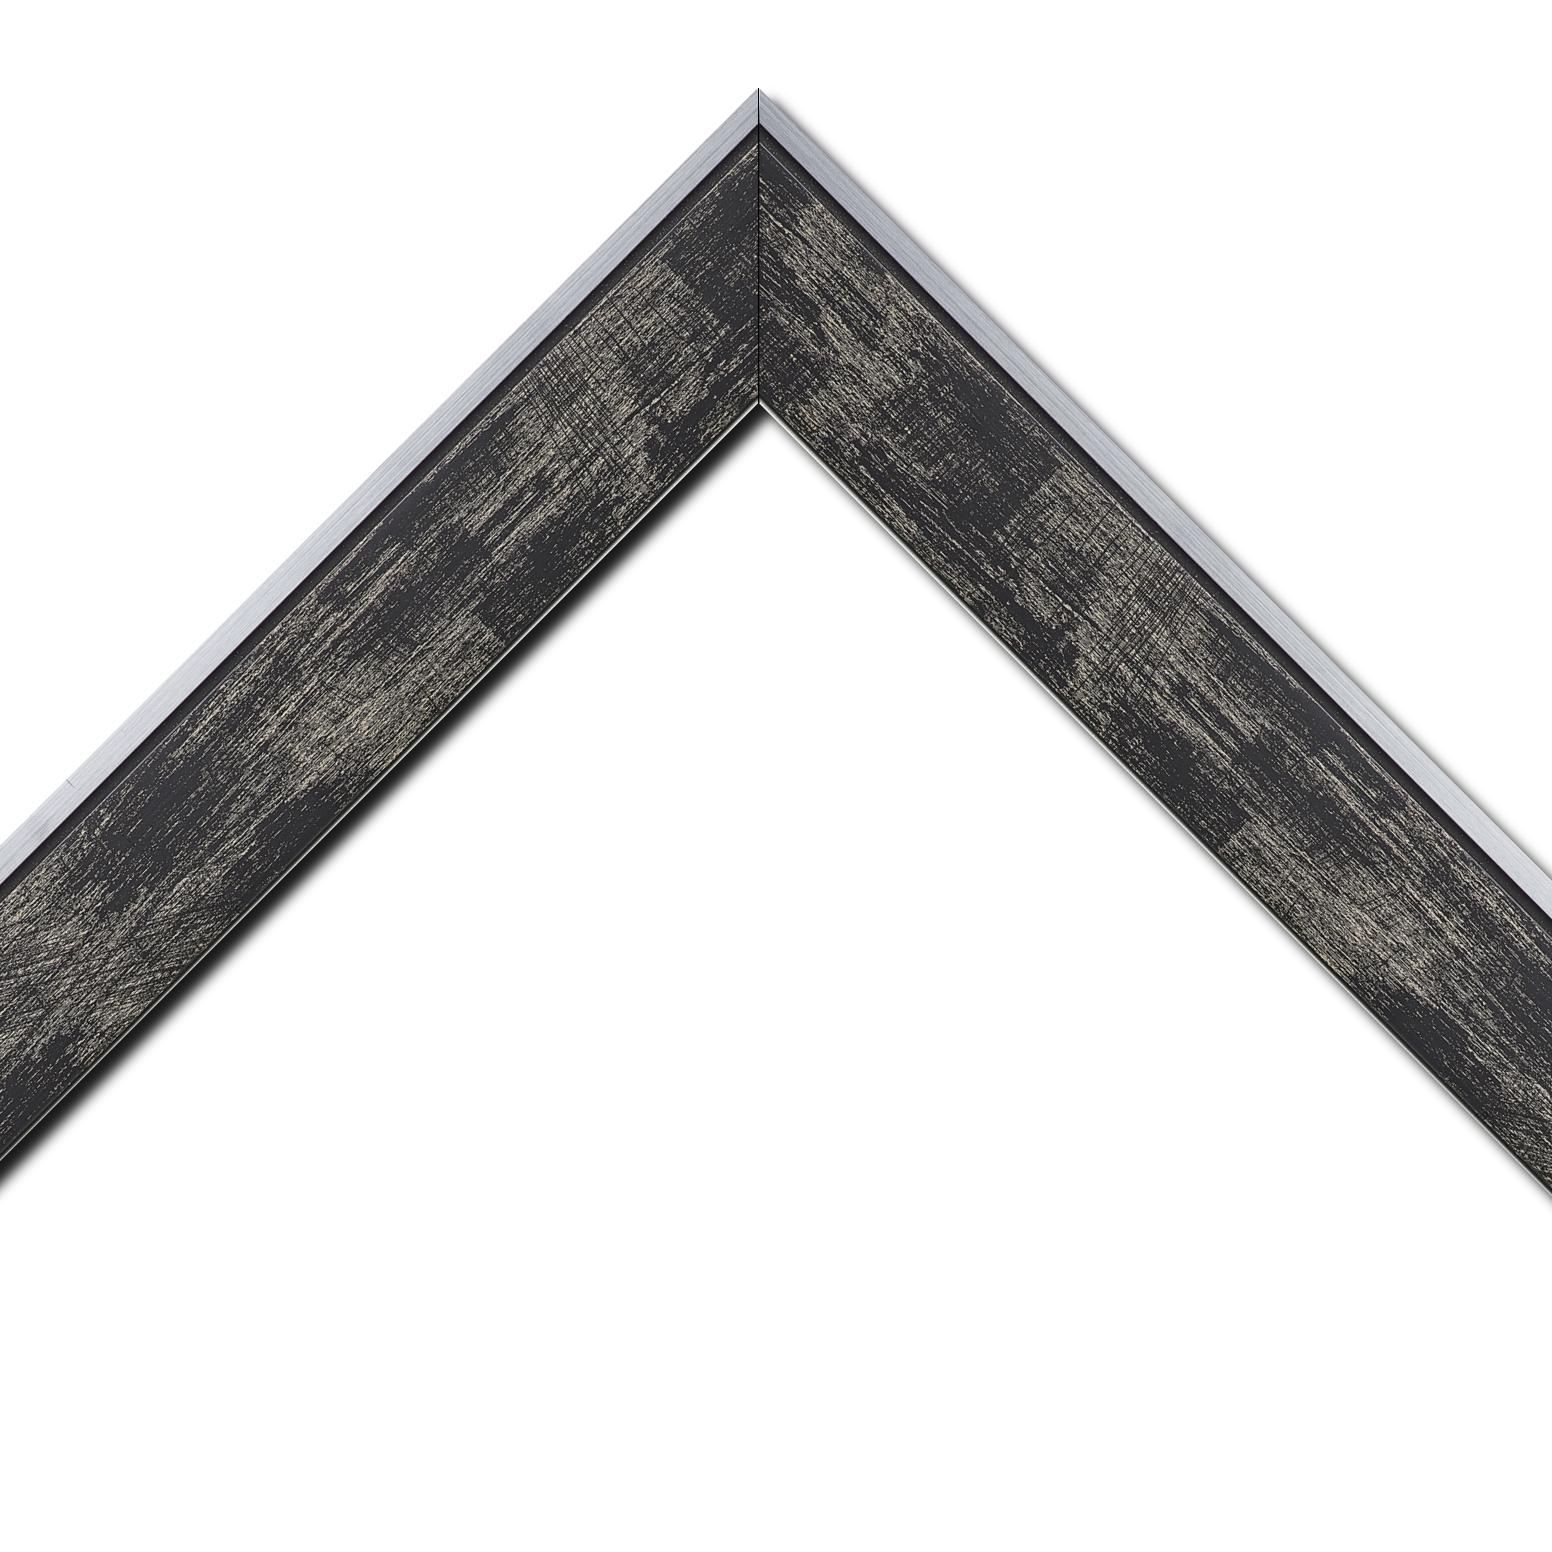 Baguette bois profil plat largeur 5.4cm noir sur argent filet argent extérieur